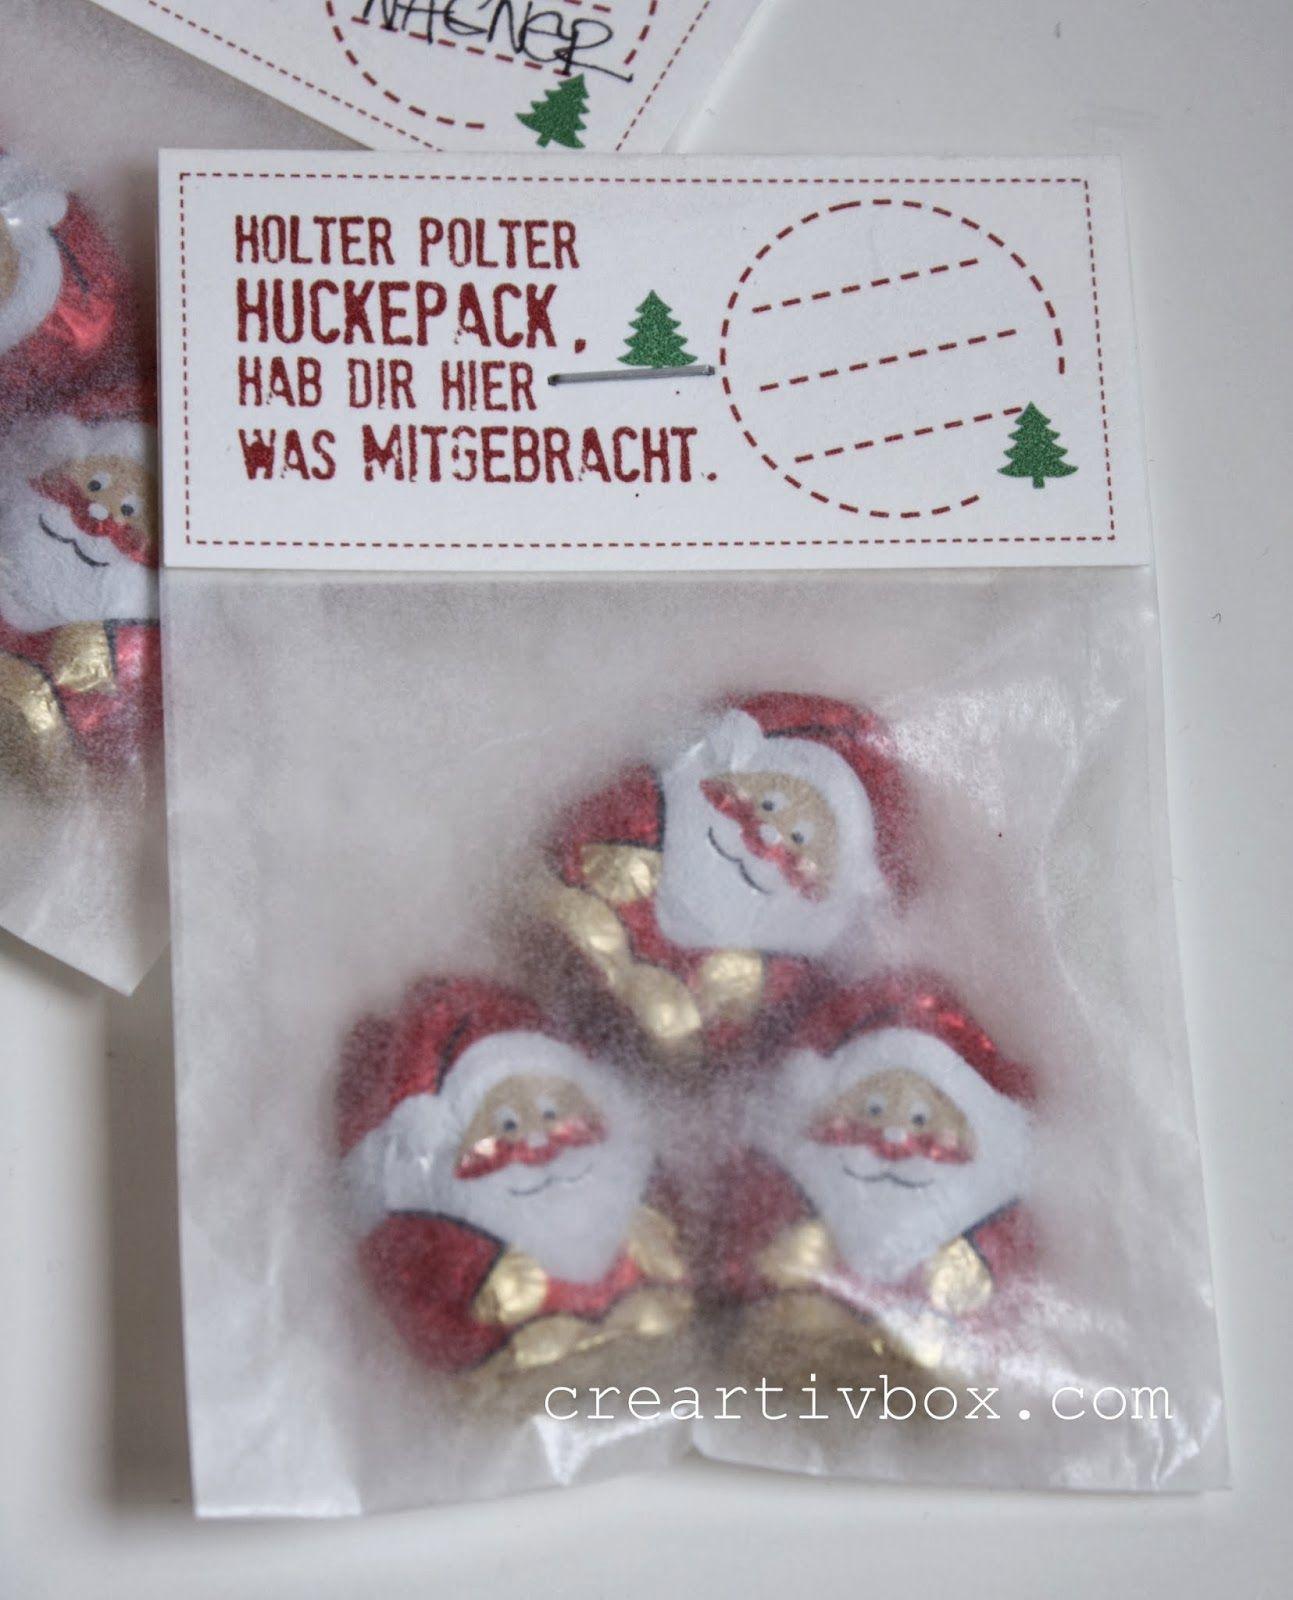 holter polter huckepack gifts geschenke weihnachten. Black Bedroom Furniture Sets. Home Design Ideas